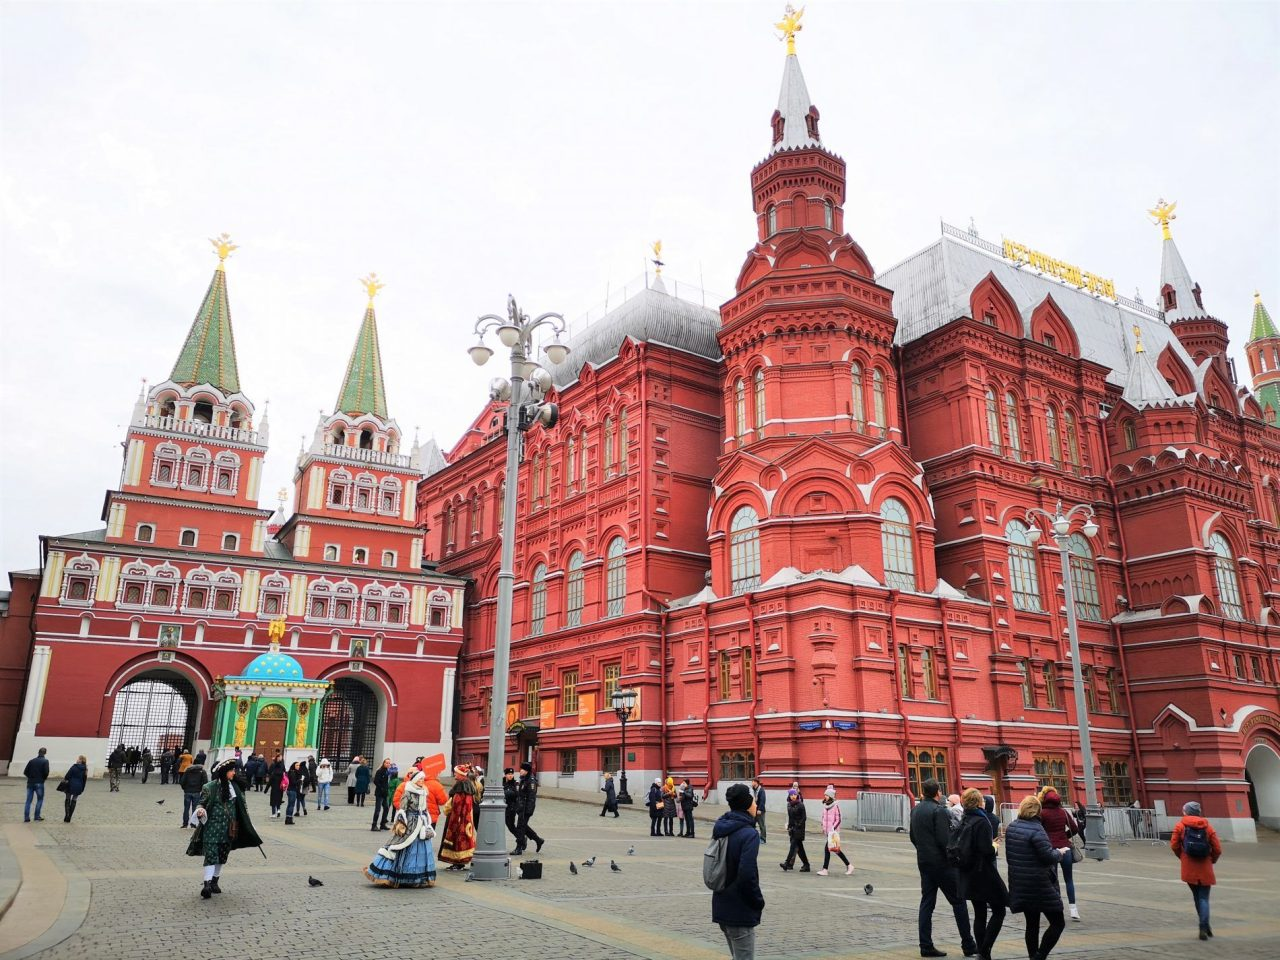 Moskau Urlaub, Russland Reise, Pauschalreise Russland, Städtereise Russland